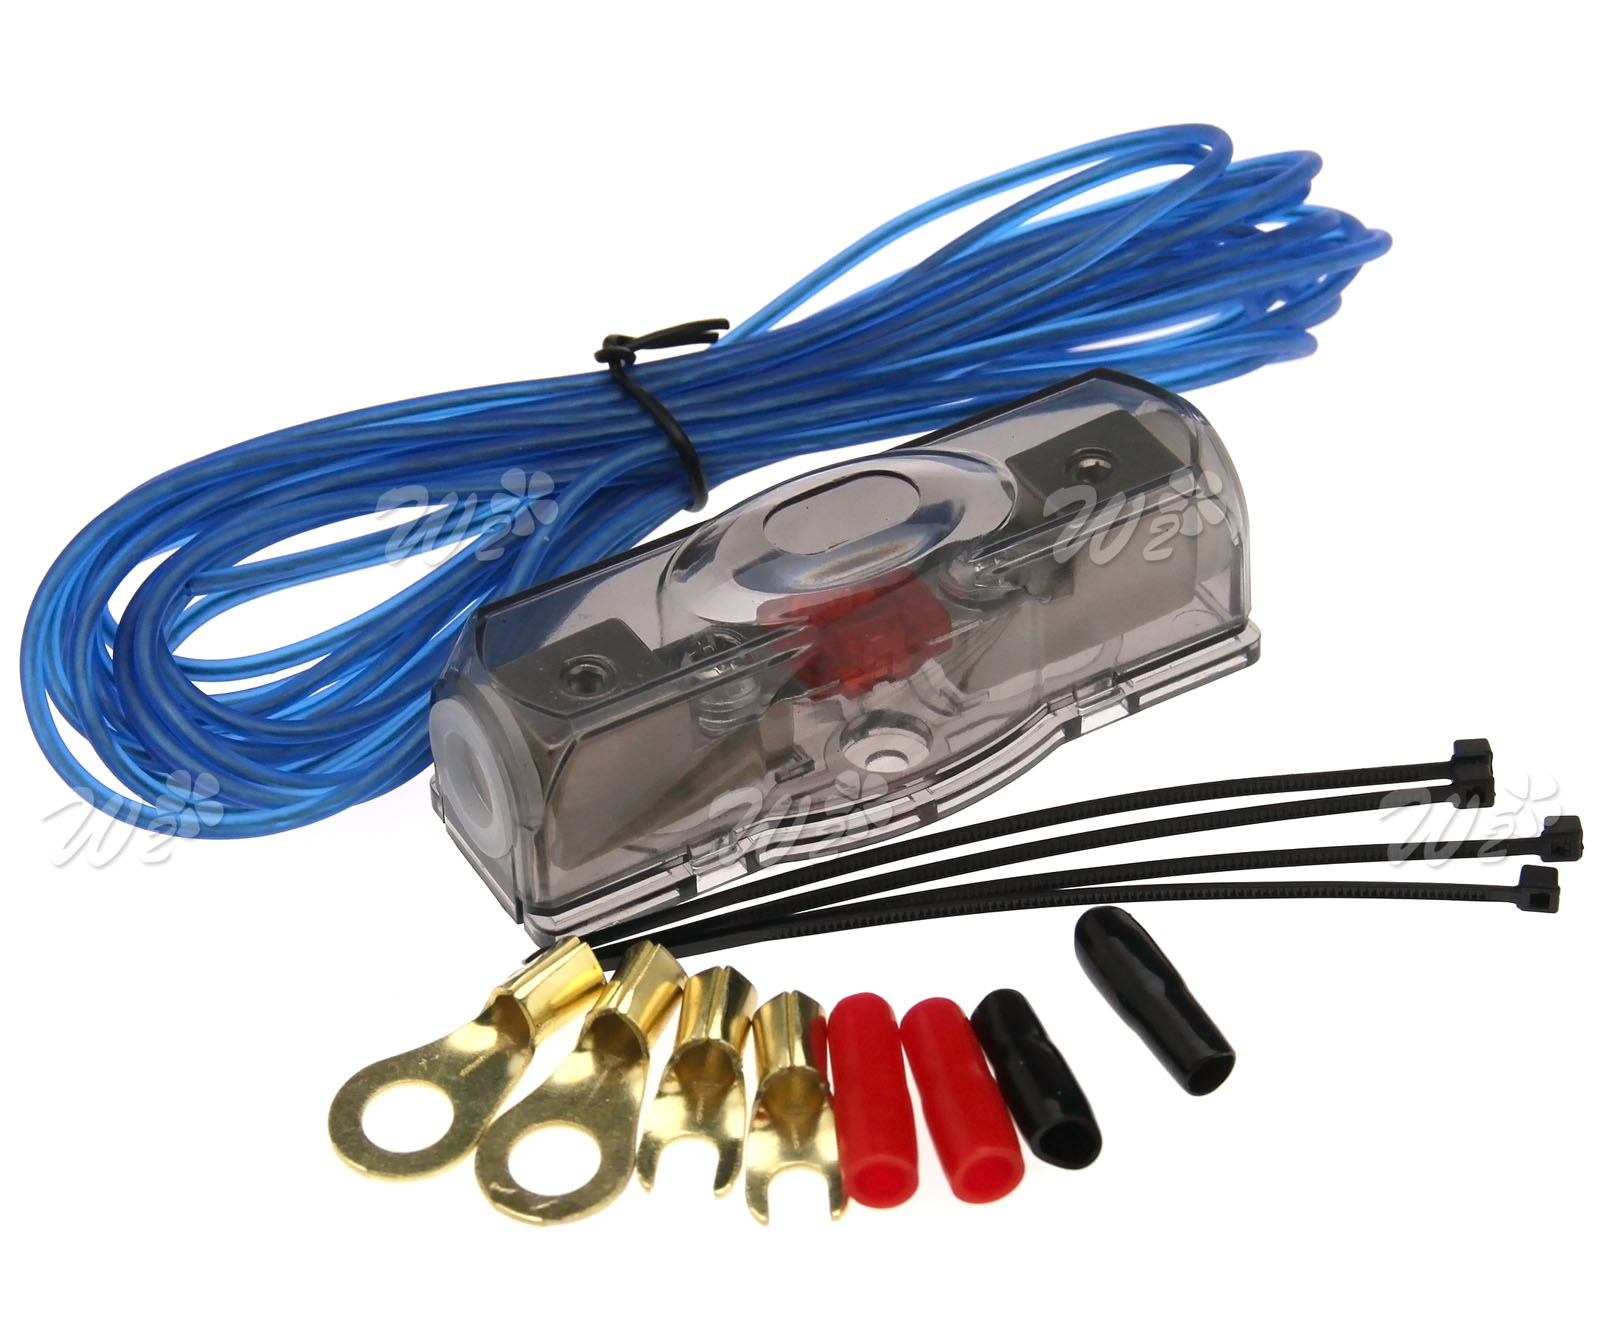 Car-Hifi Auto Kabel Verstärker KFZ Audio Kabel 2000W 100A Kabelset ...